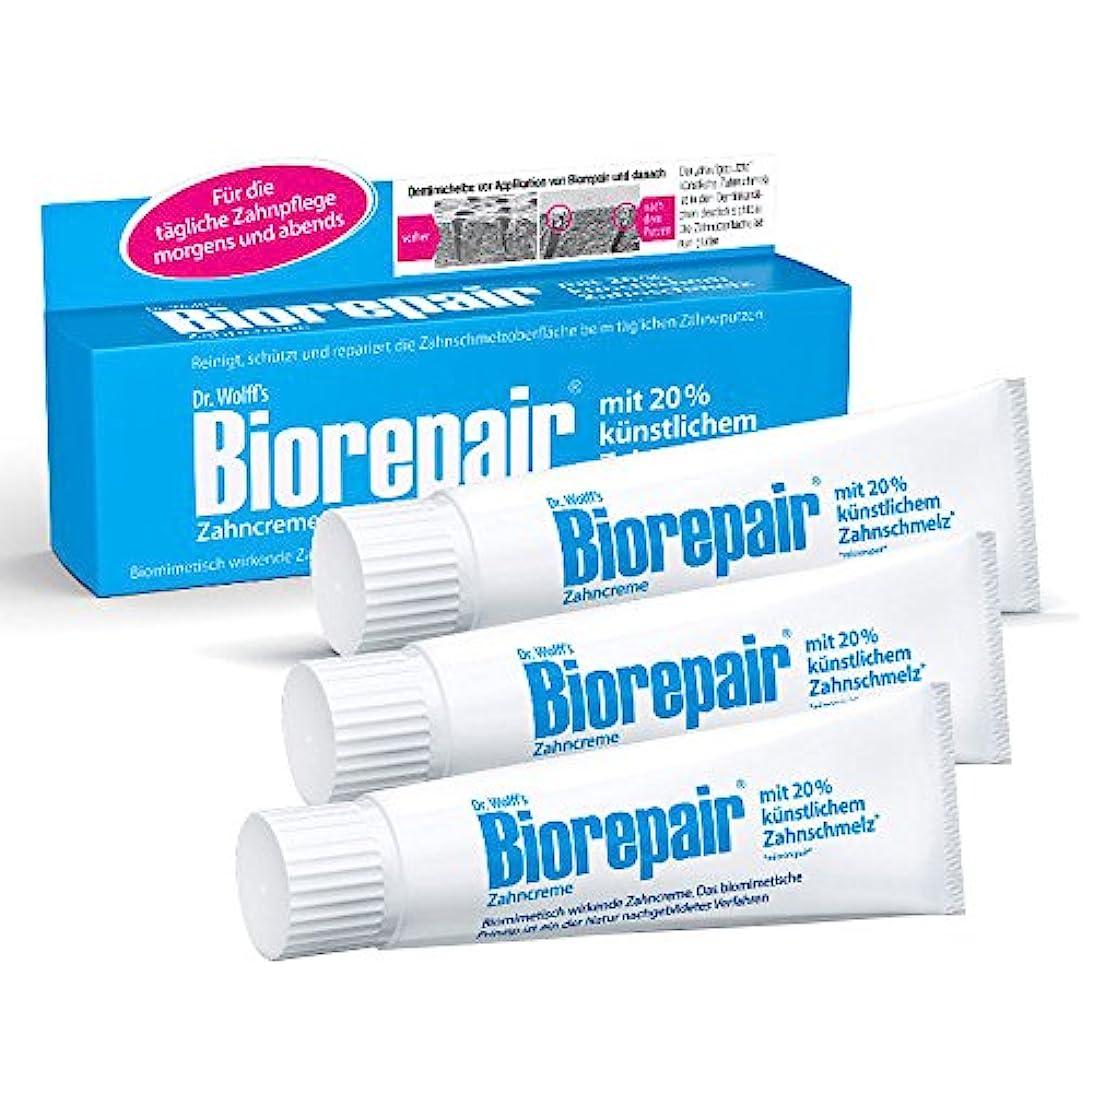 代わりに是正する神経衰弱Biorepair 歯磨き粉オリジナル、75ml 歯の保護 耐摩耗性 x 3 [並行輸入品]